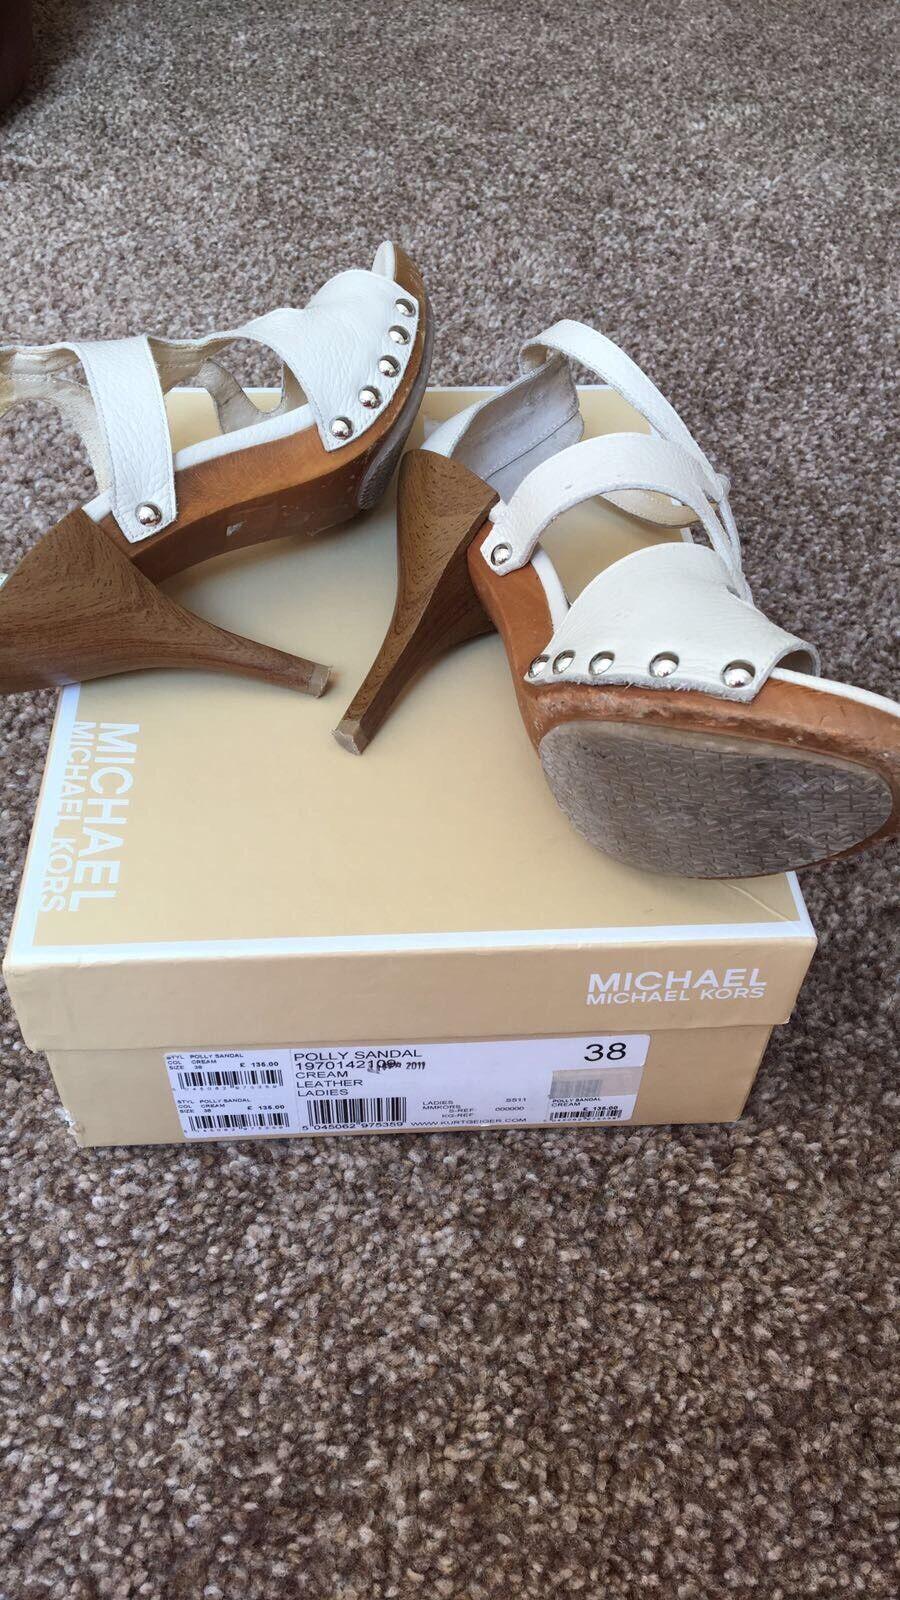 Micheal donna Kors Shoes,Gli stivali da donna Micheal classici sono popolari, economici e hanno dimensioni 875723